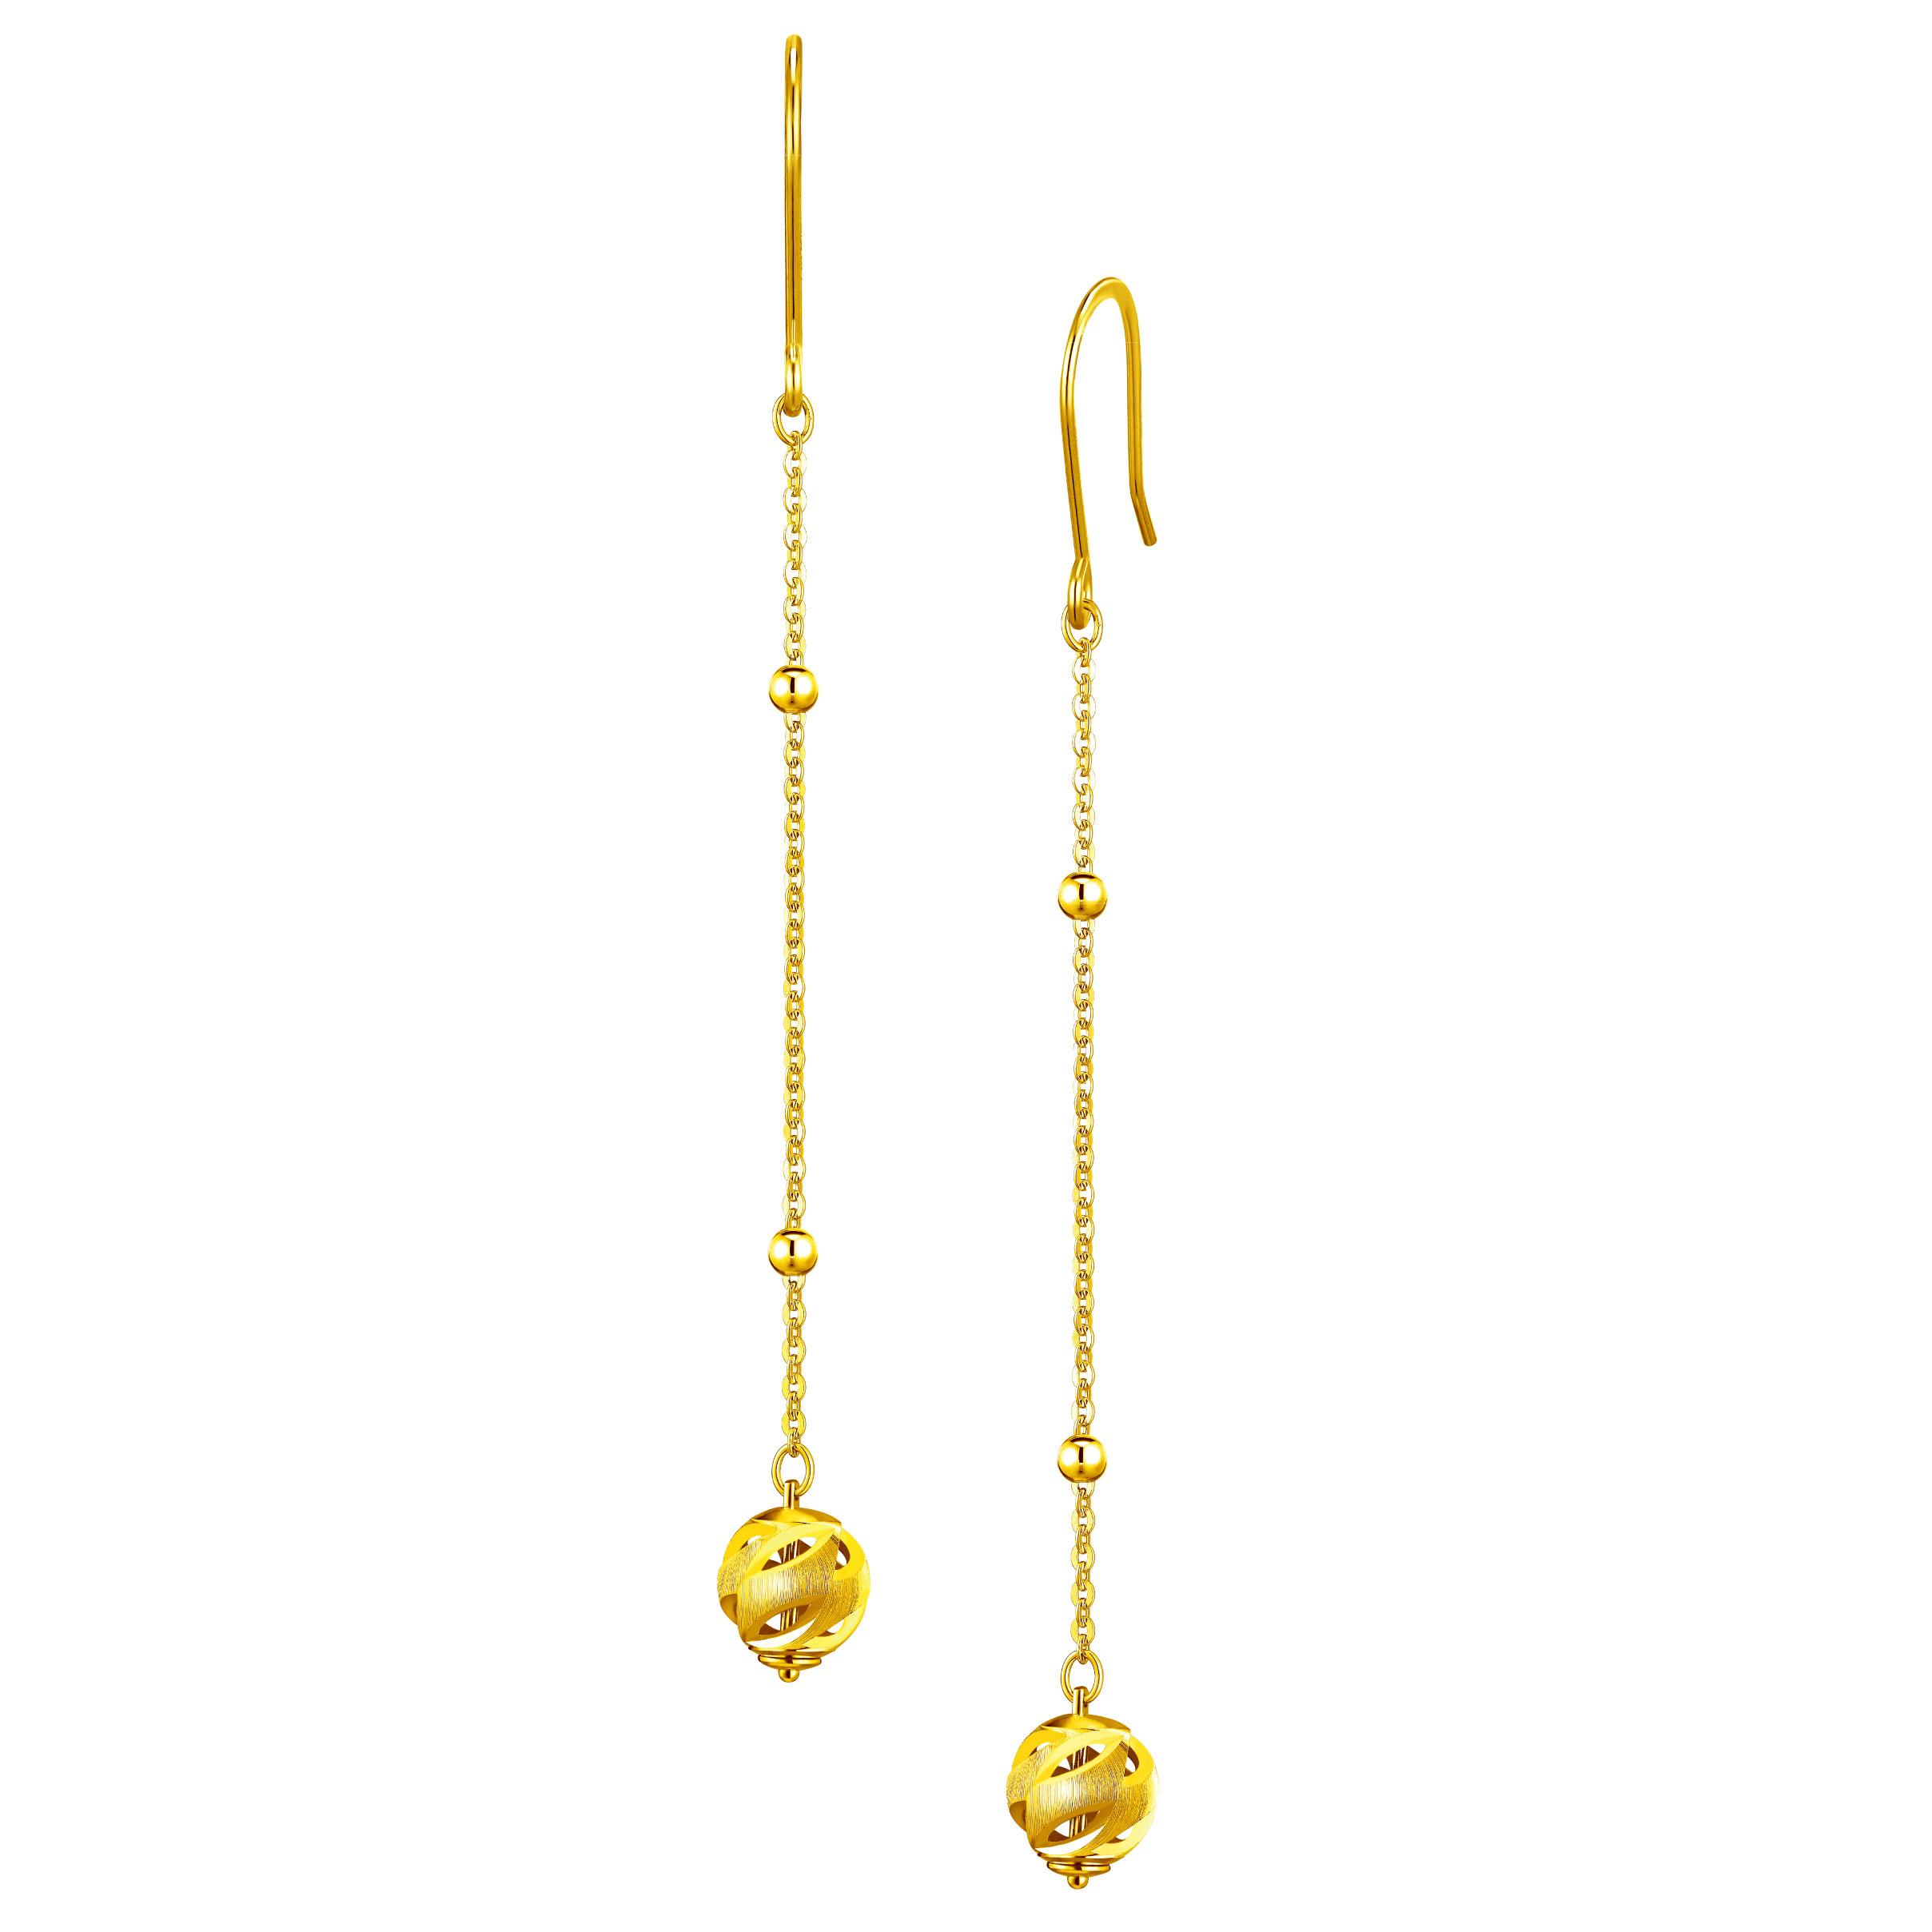 Goldstyle Planet Earrings